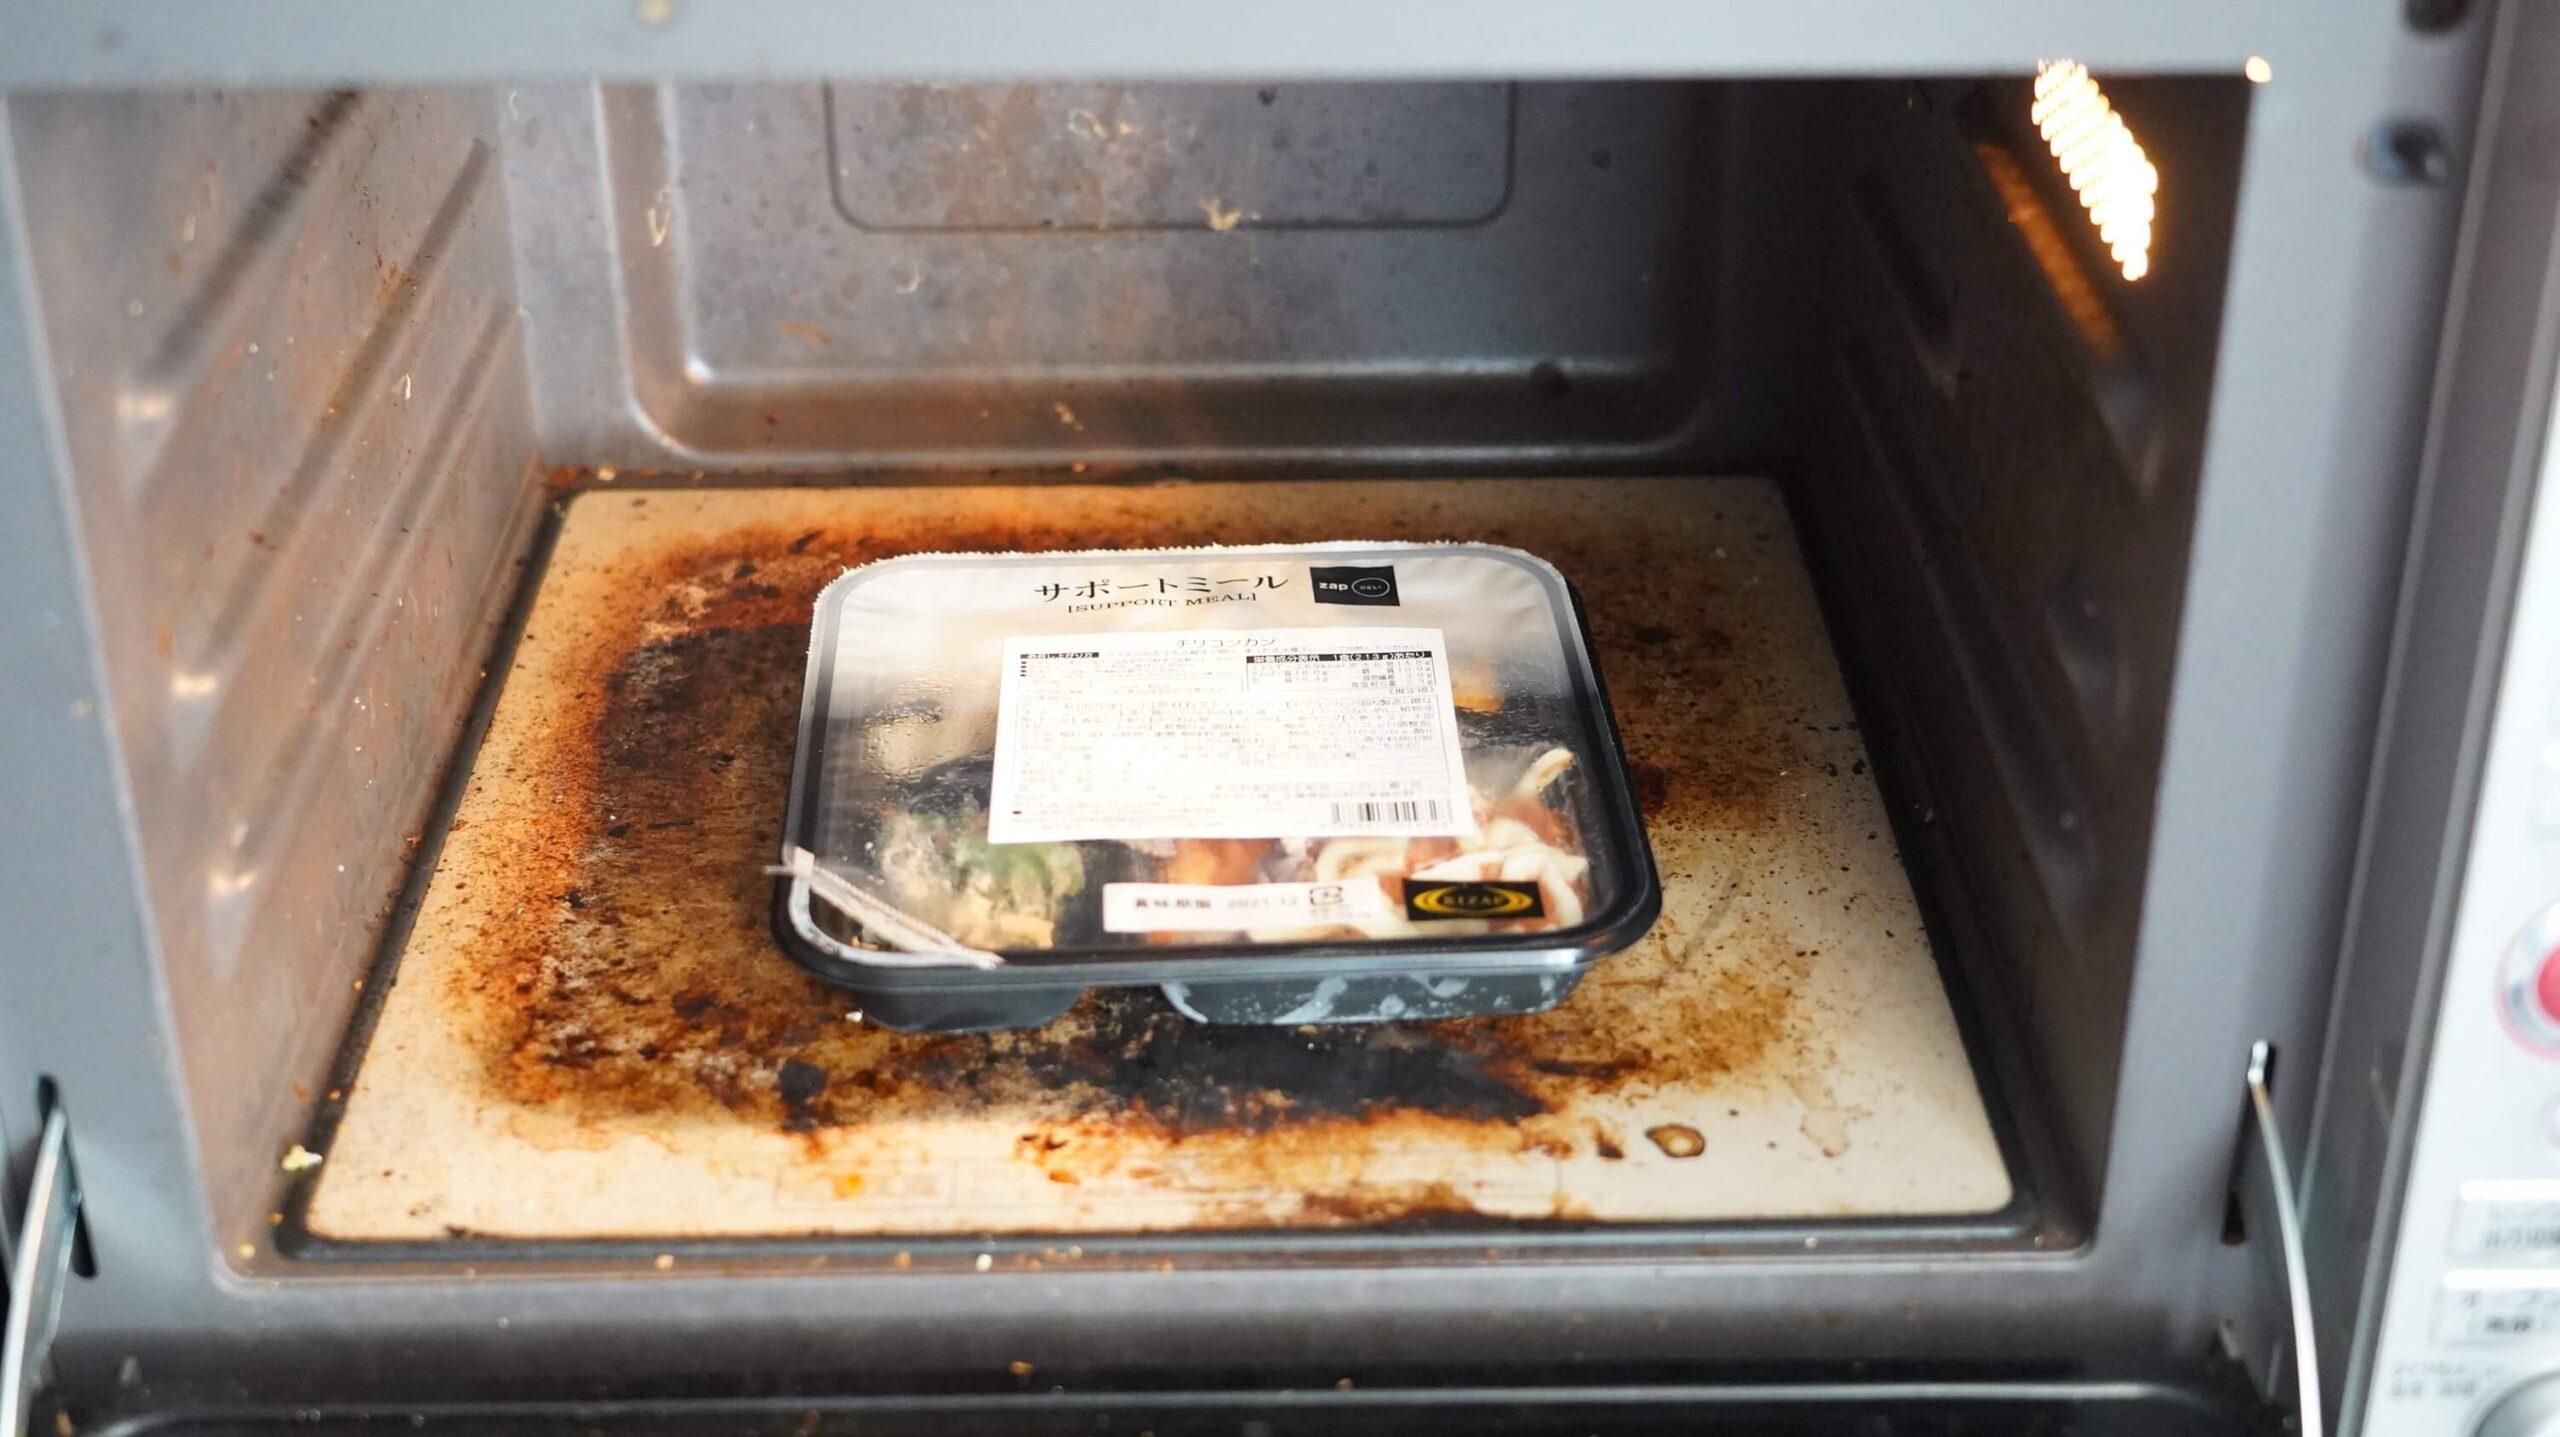 ライザップのサポートミール「チリコンカン」を電子レンジで加熱している写真